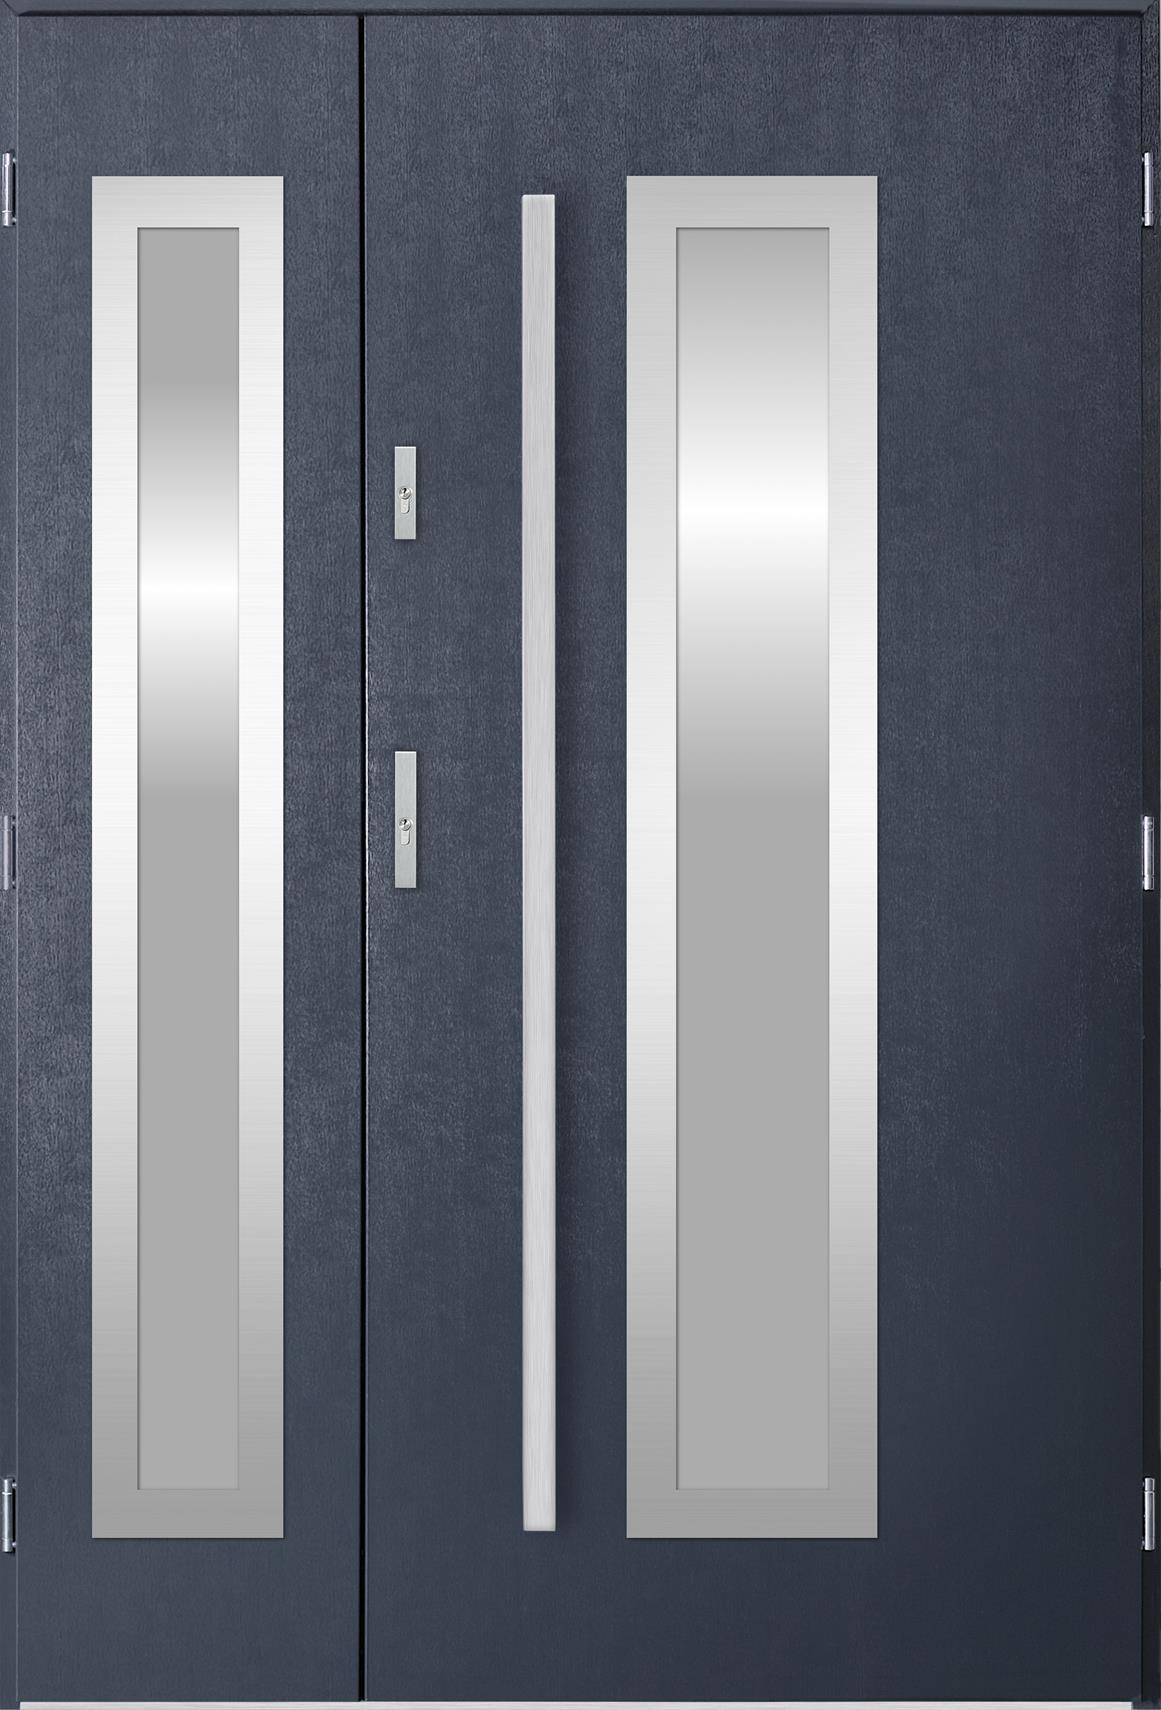 Dvoukøídlé ocelové vchodové dveøe Hevelio, tmavý antracit